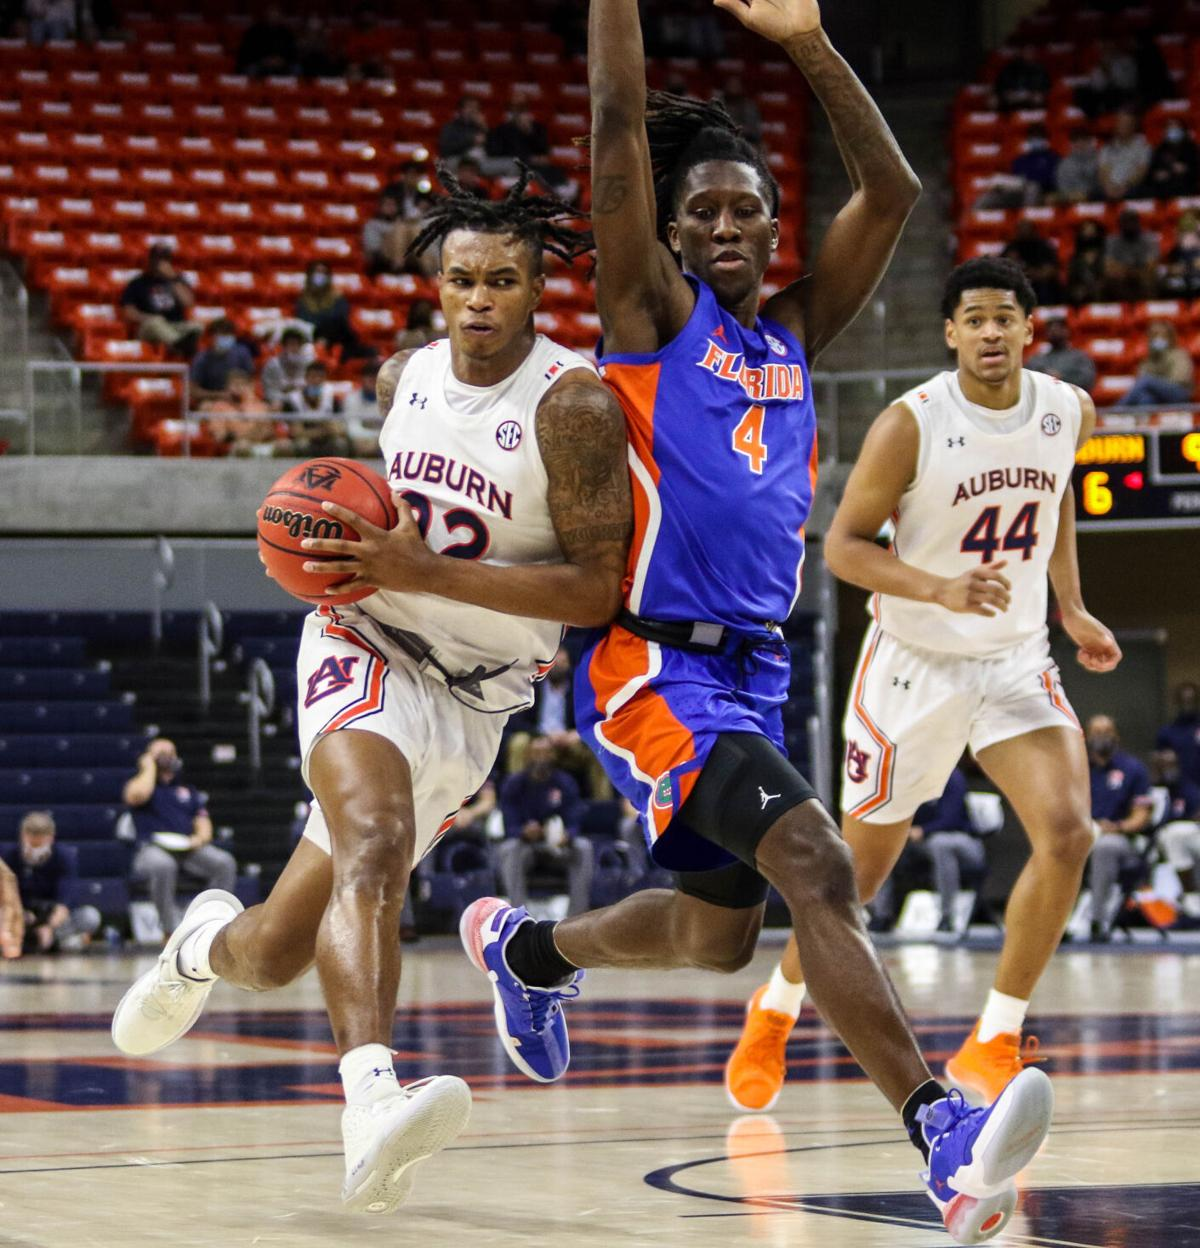 Auburn vs. Florida men's basketball